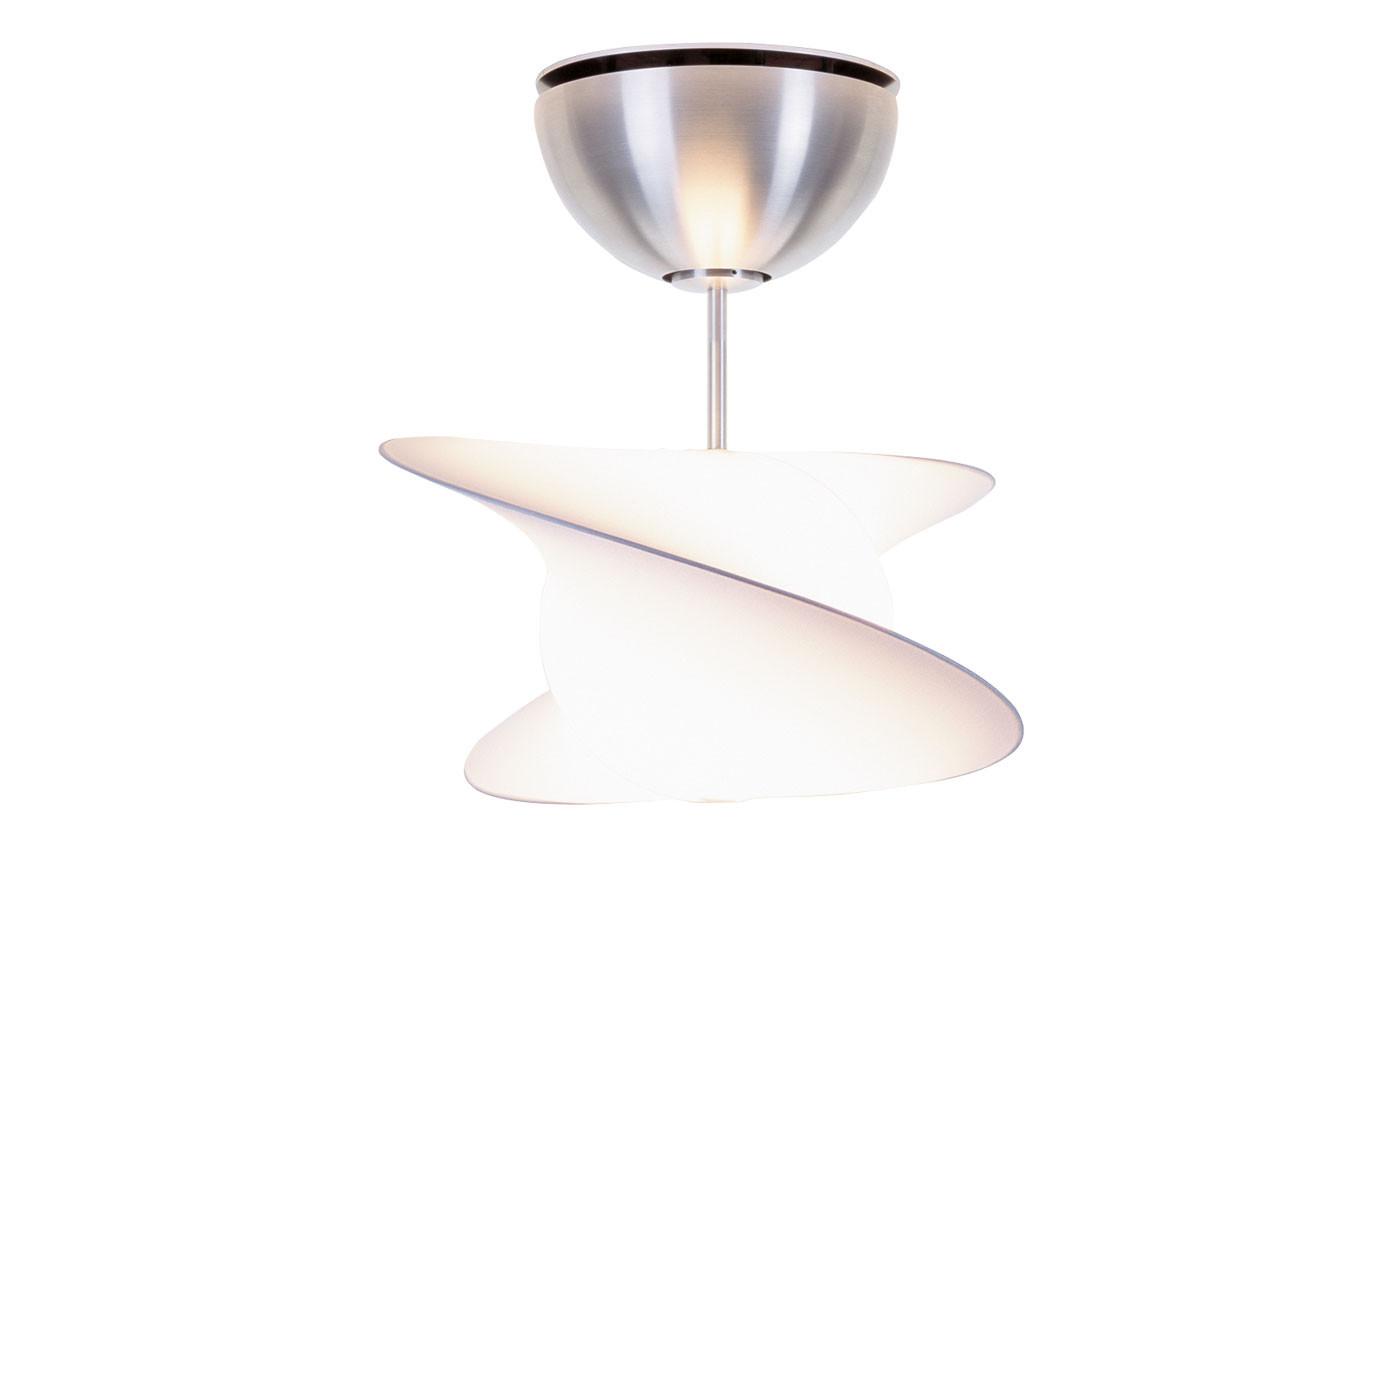 Serien Lighting Propeller Suspension